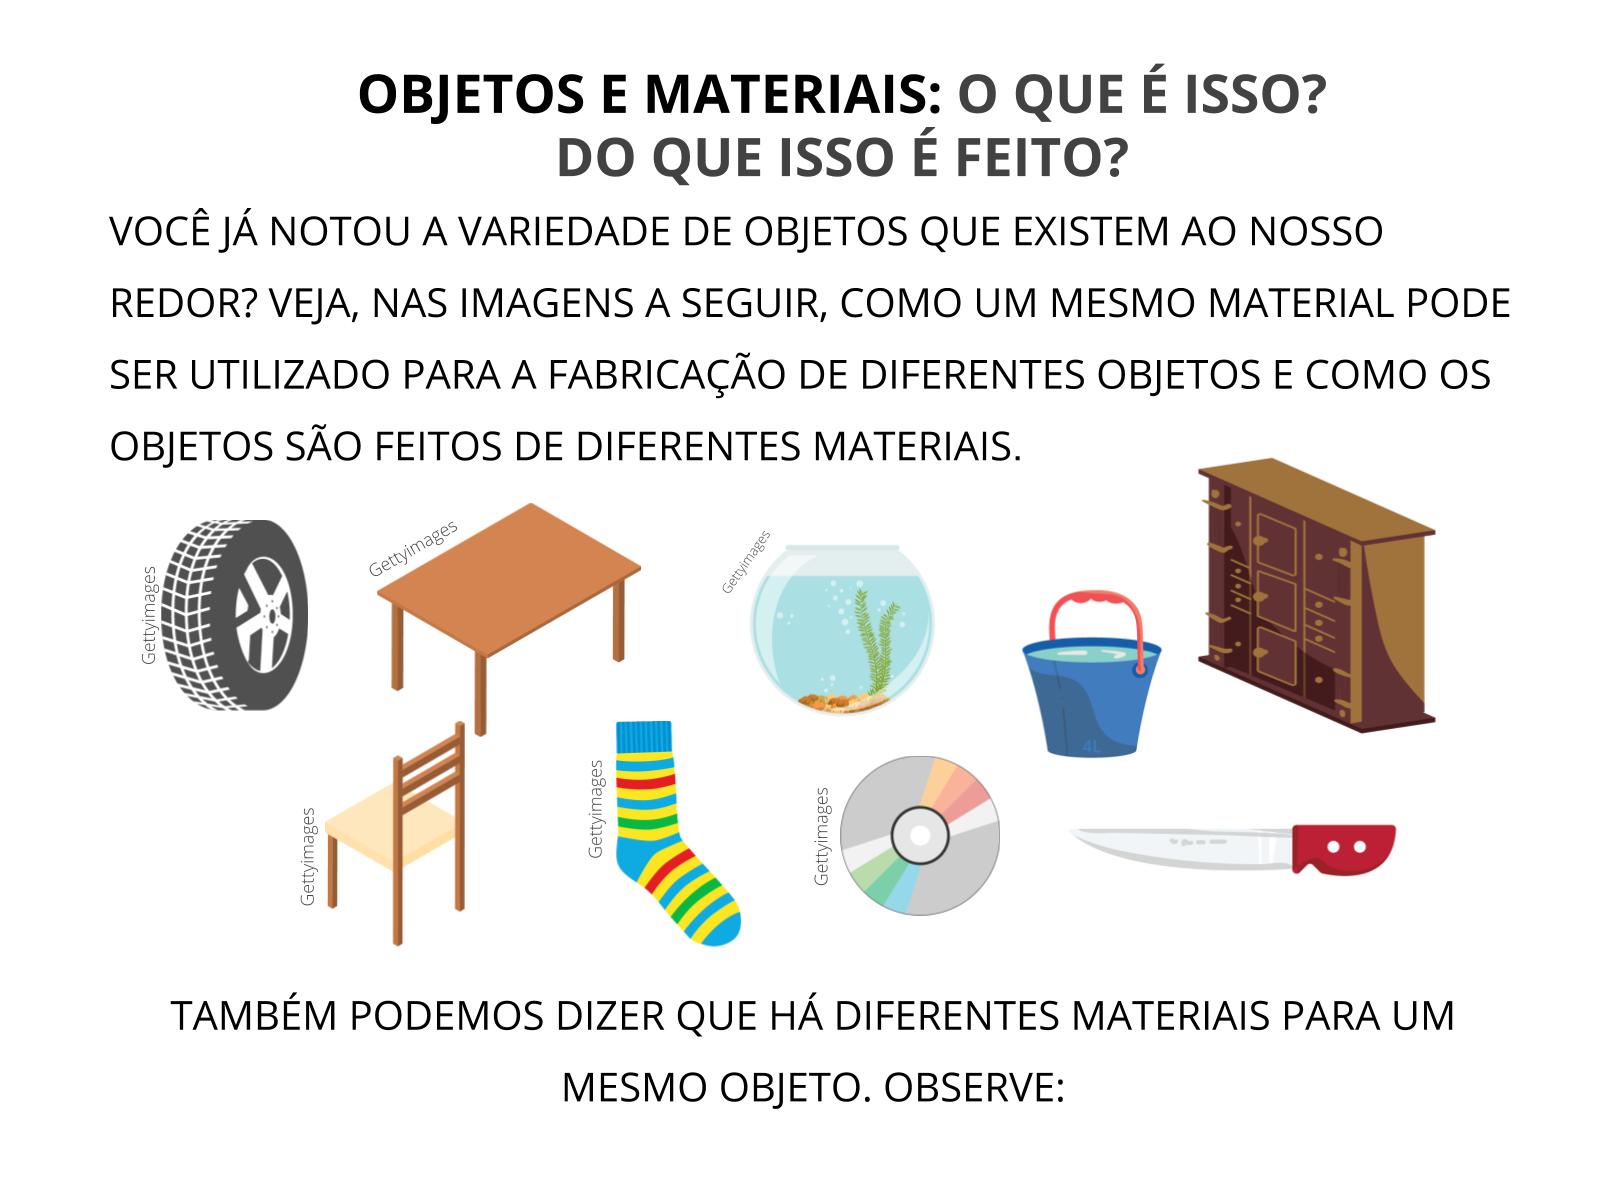 A diferença entre materiais e objetivos